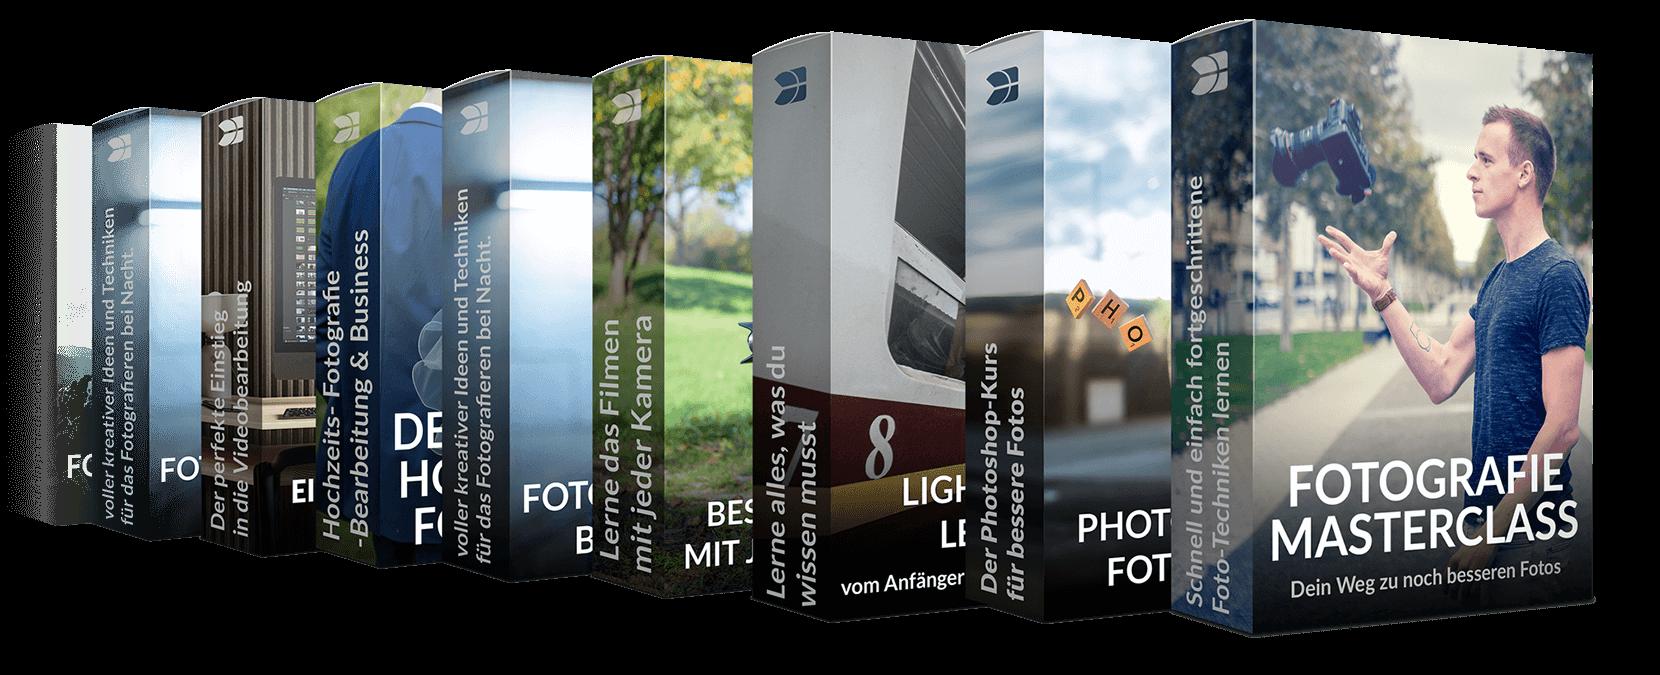 Fotografie Akademie - gehe den nächsten Schritt in deiner Fotografie